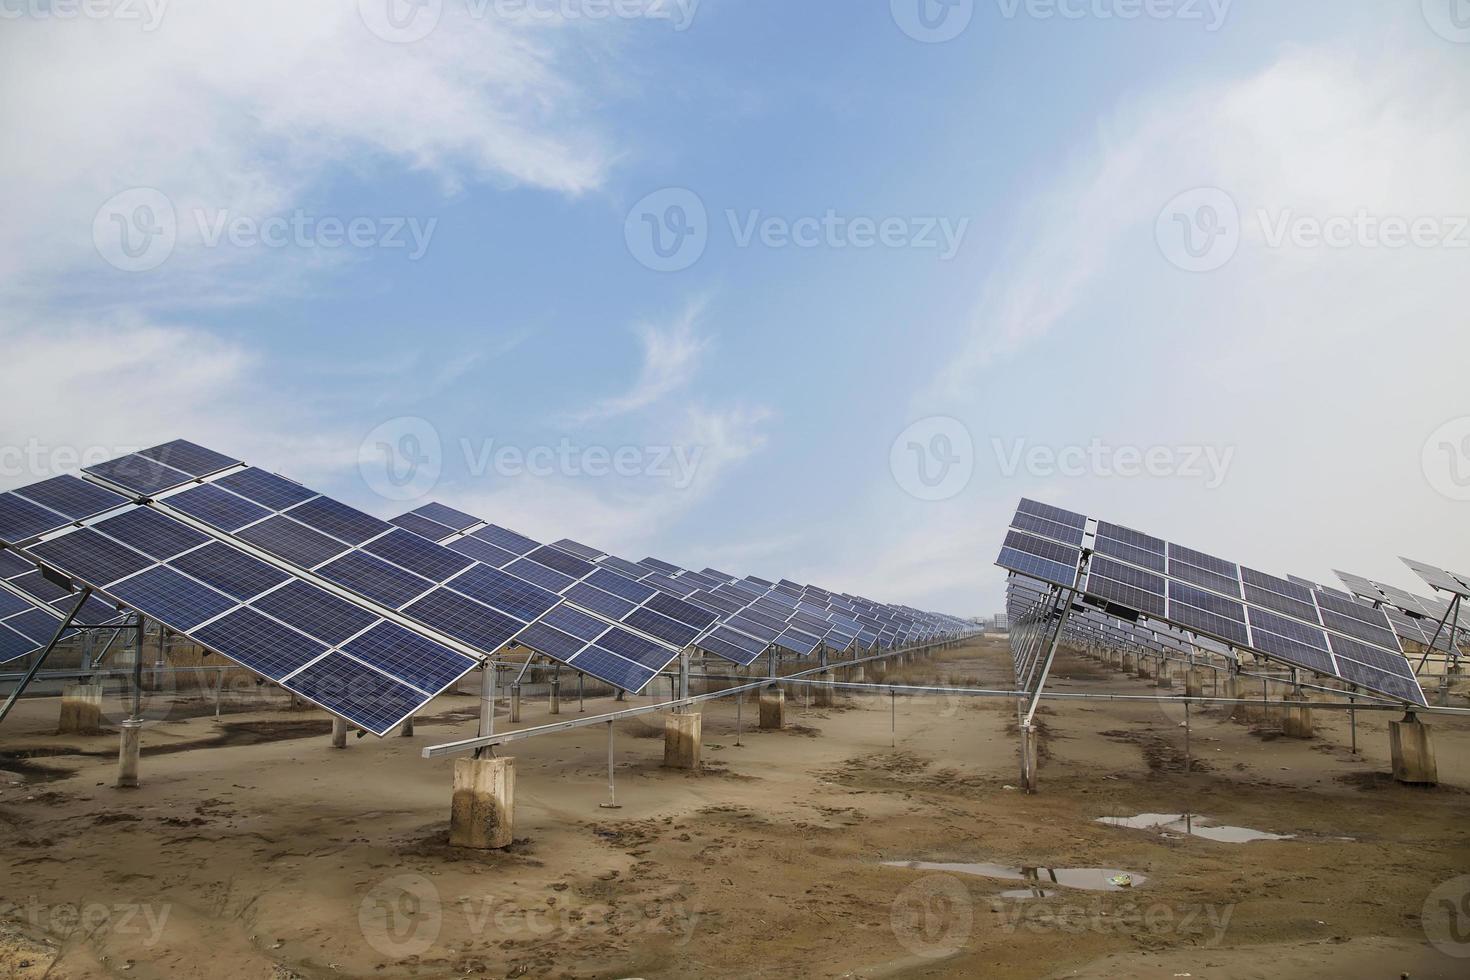 planta de energía que utiliza energía solar renovable con sol foto